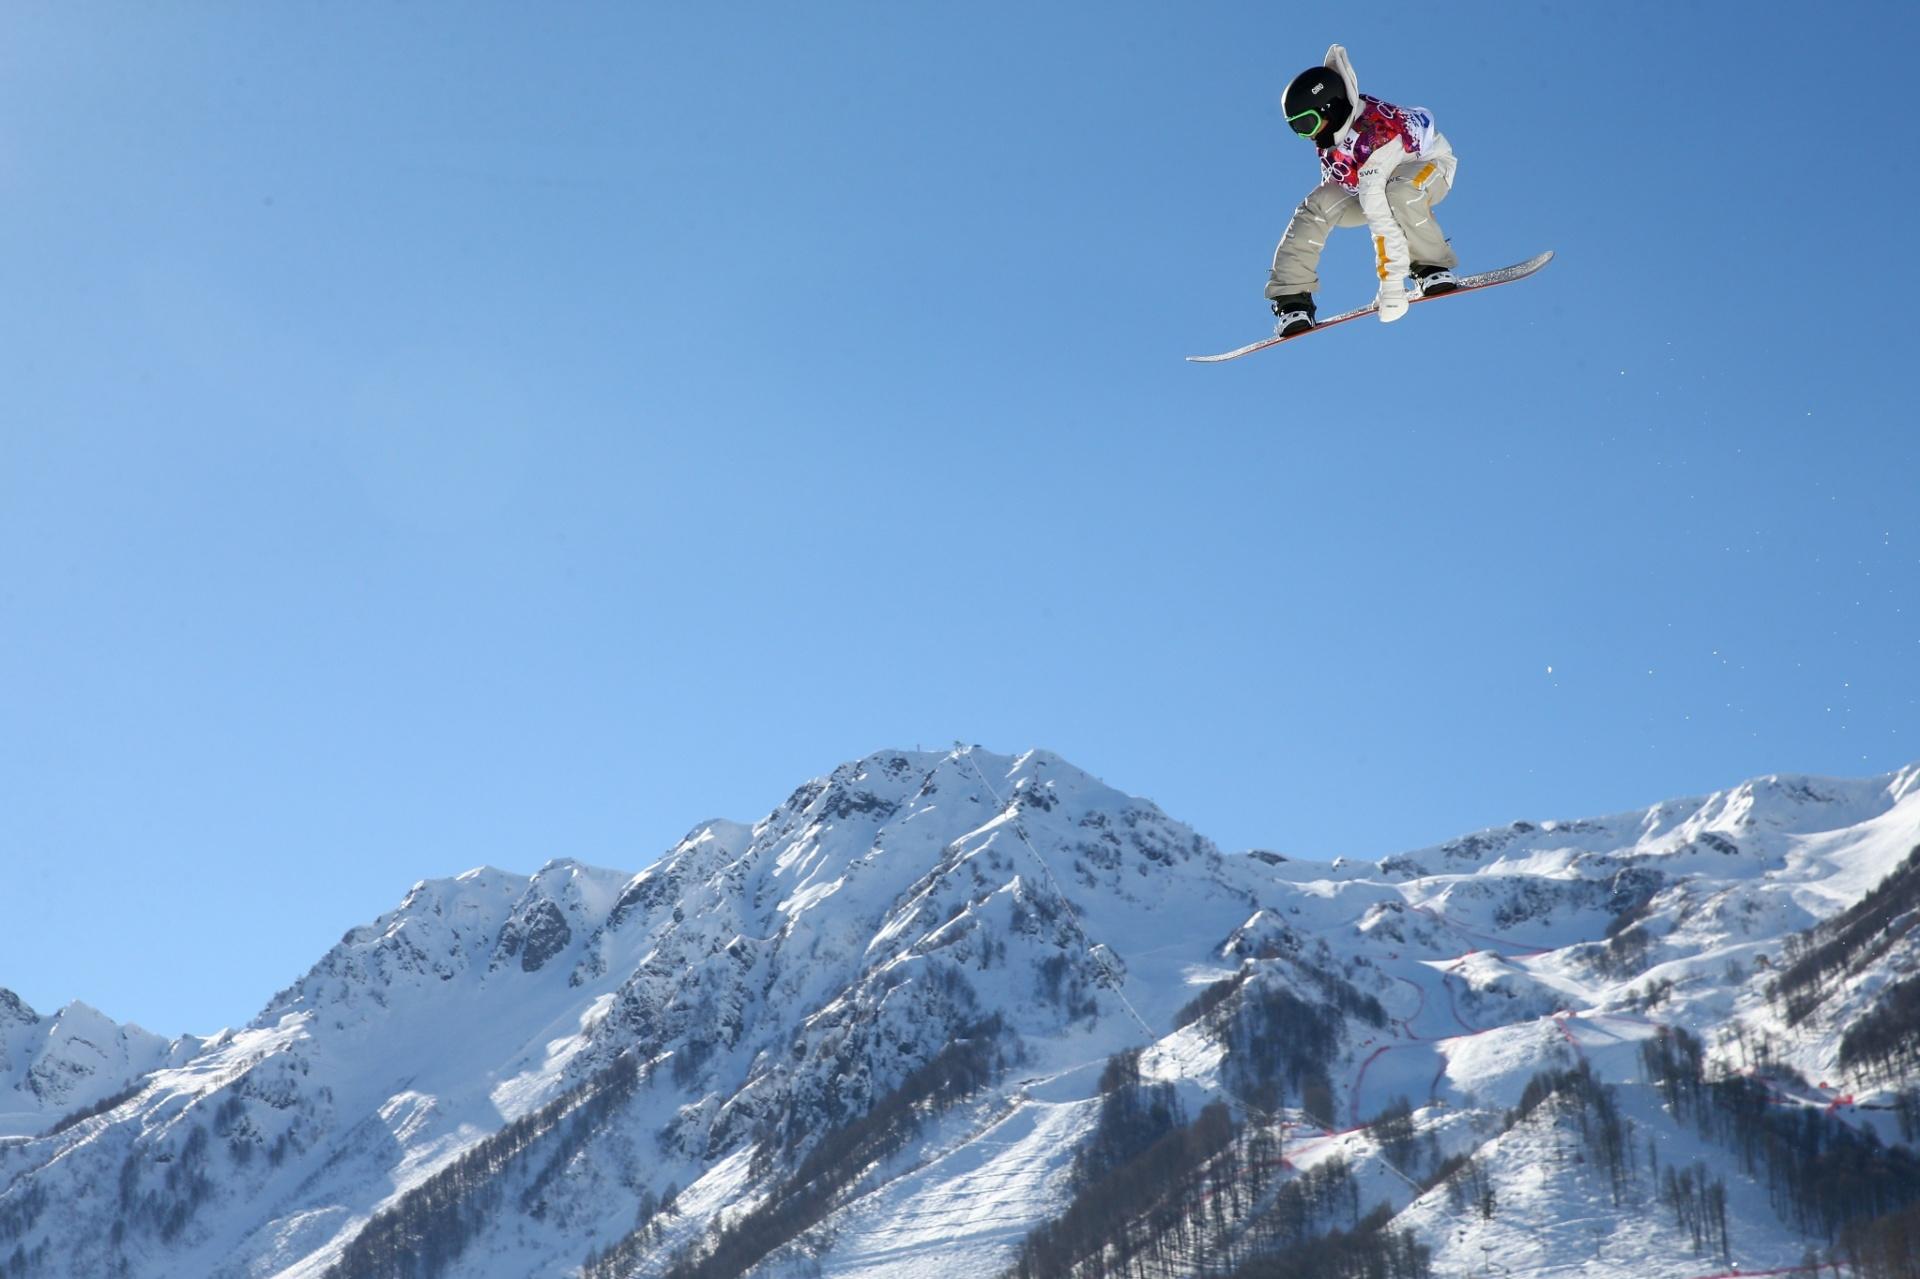 09.02.2014 - Ilusão de ótica faz parecer que o sueco Sven Thorgren, do snowboard slopestyle, está voando acima das montanhas